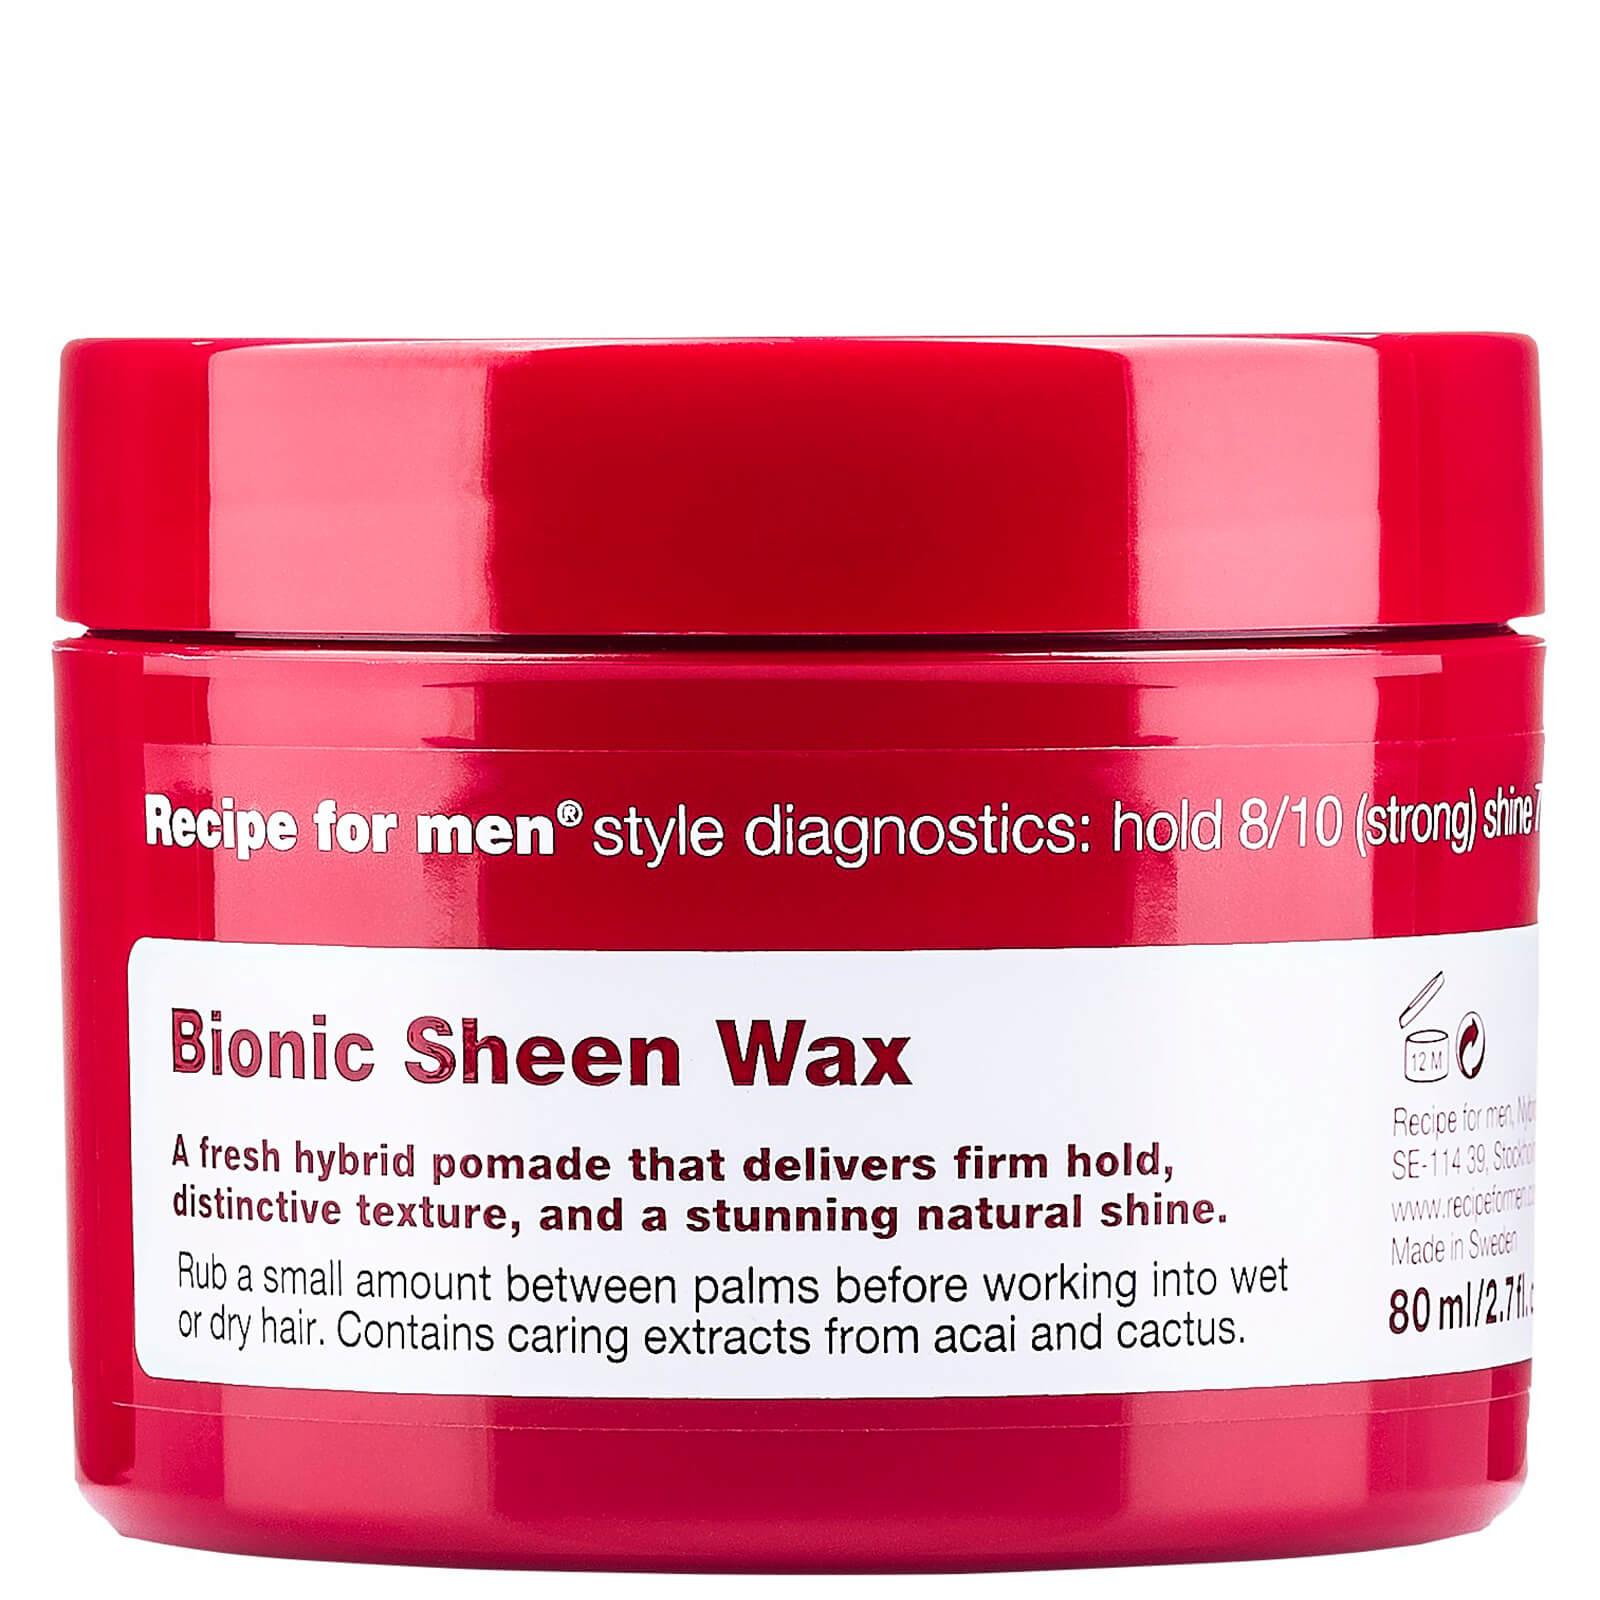 Купить Придающий сияние воск для укладки волос, мужская линия Recipe for Men Bionic Sheen Wax 80мл